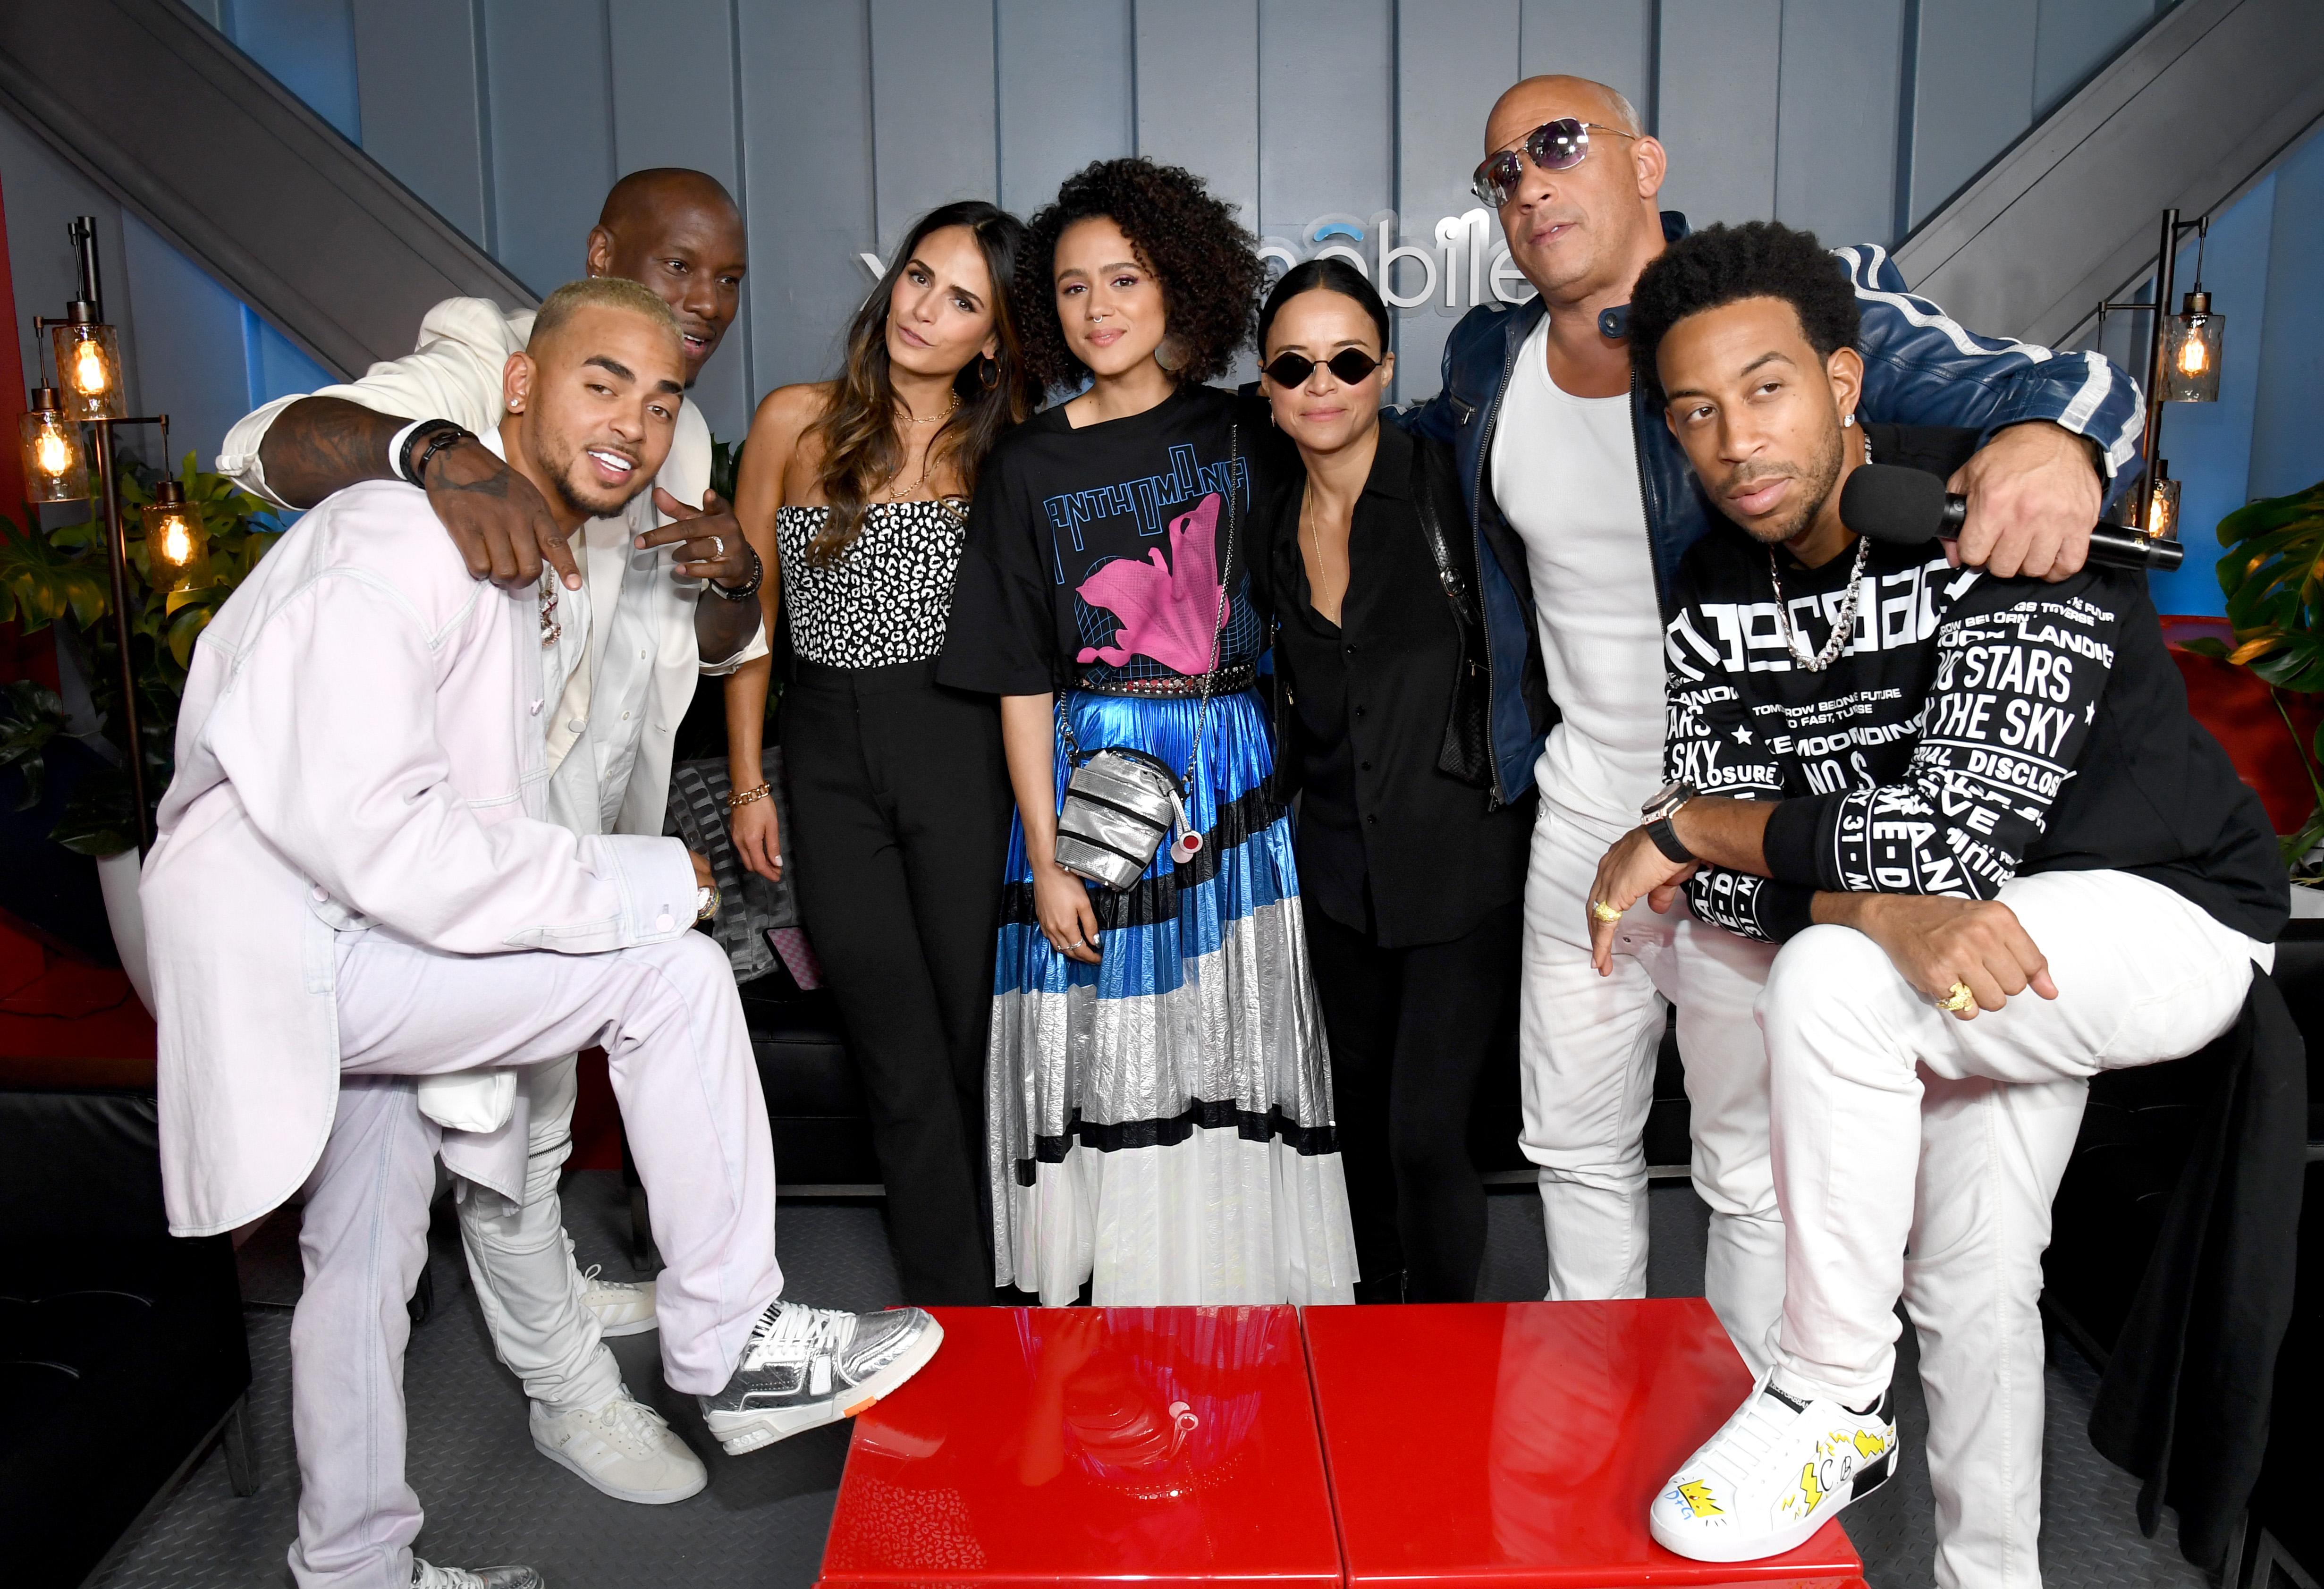 Vin Diesel, Ozuna, Tyrese Gibson, Jordana Brewster, Nathalie Emmanuel, Michelle Rodriguez, Ludacris